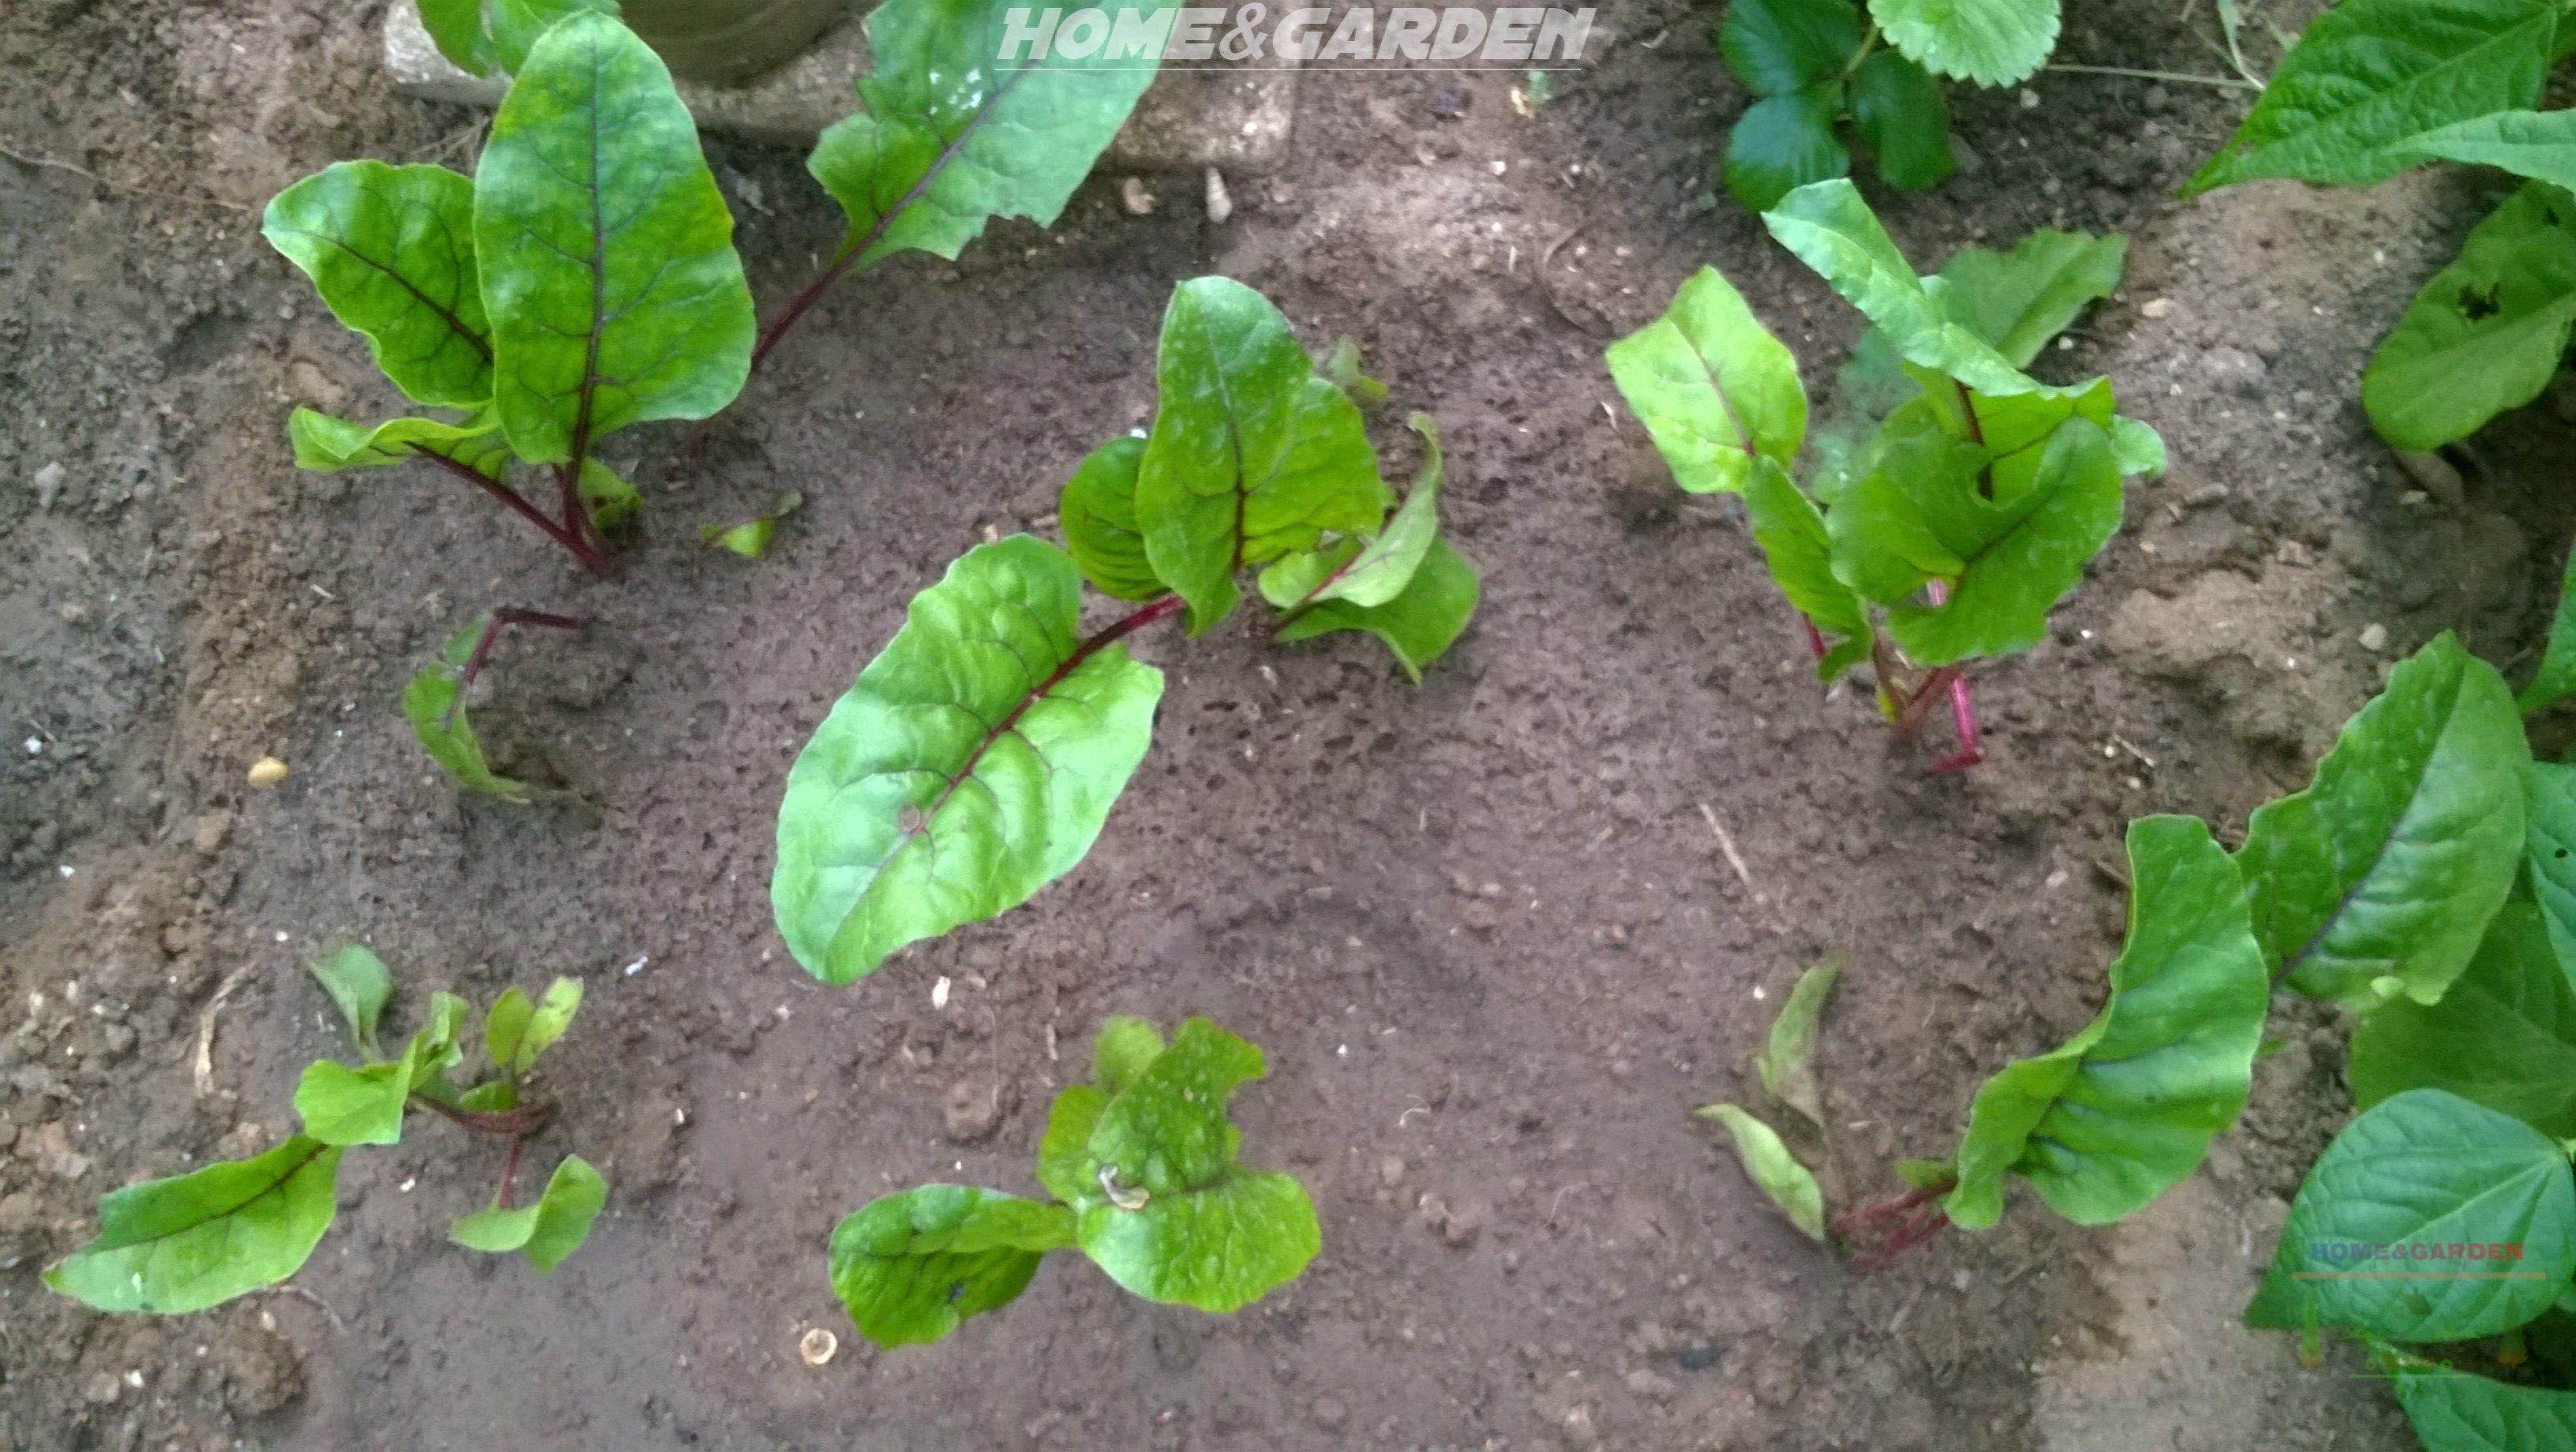 Home And Garden How To Start Beet Indoors Growing Plants Indoors Organic Vegetable Garden Growing Vegetables